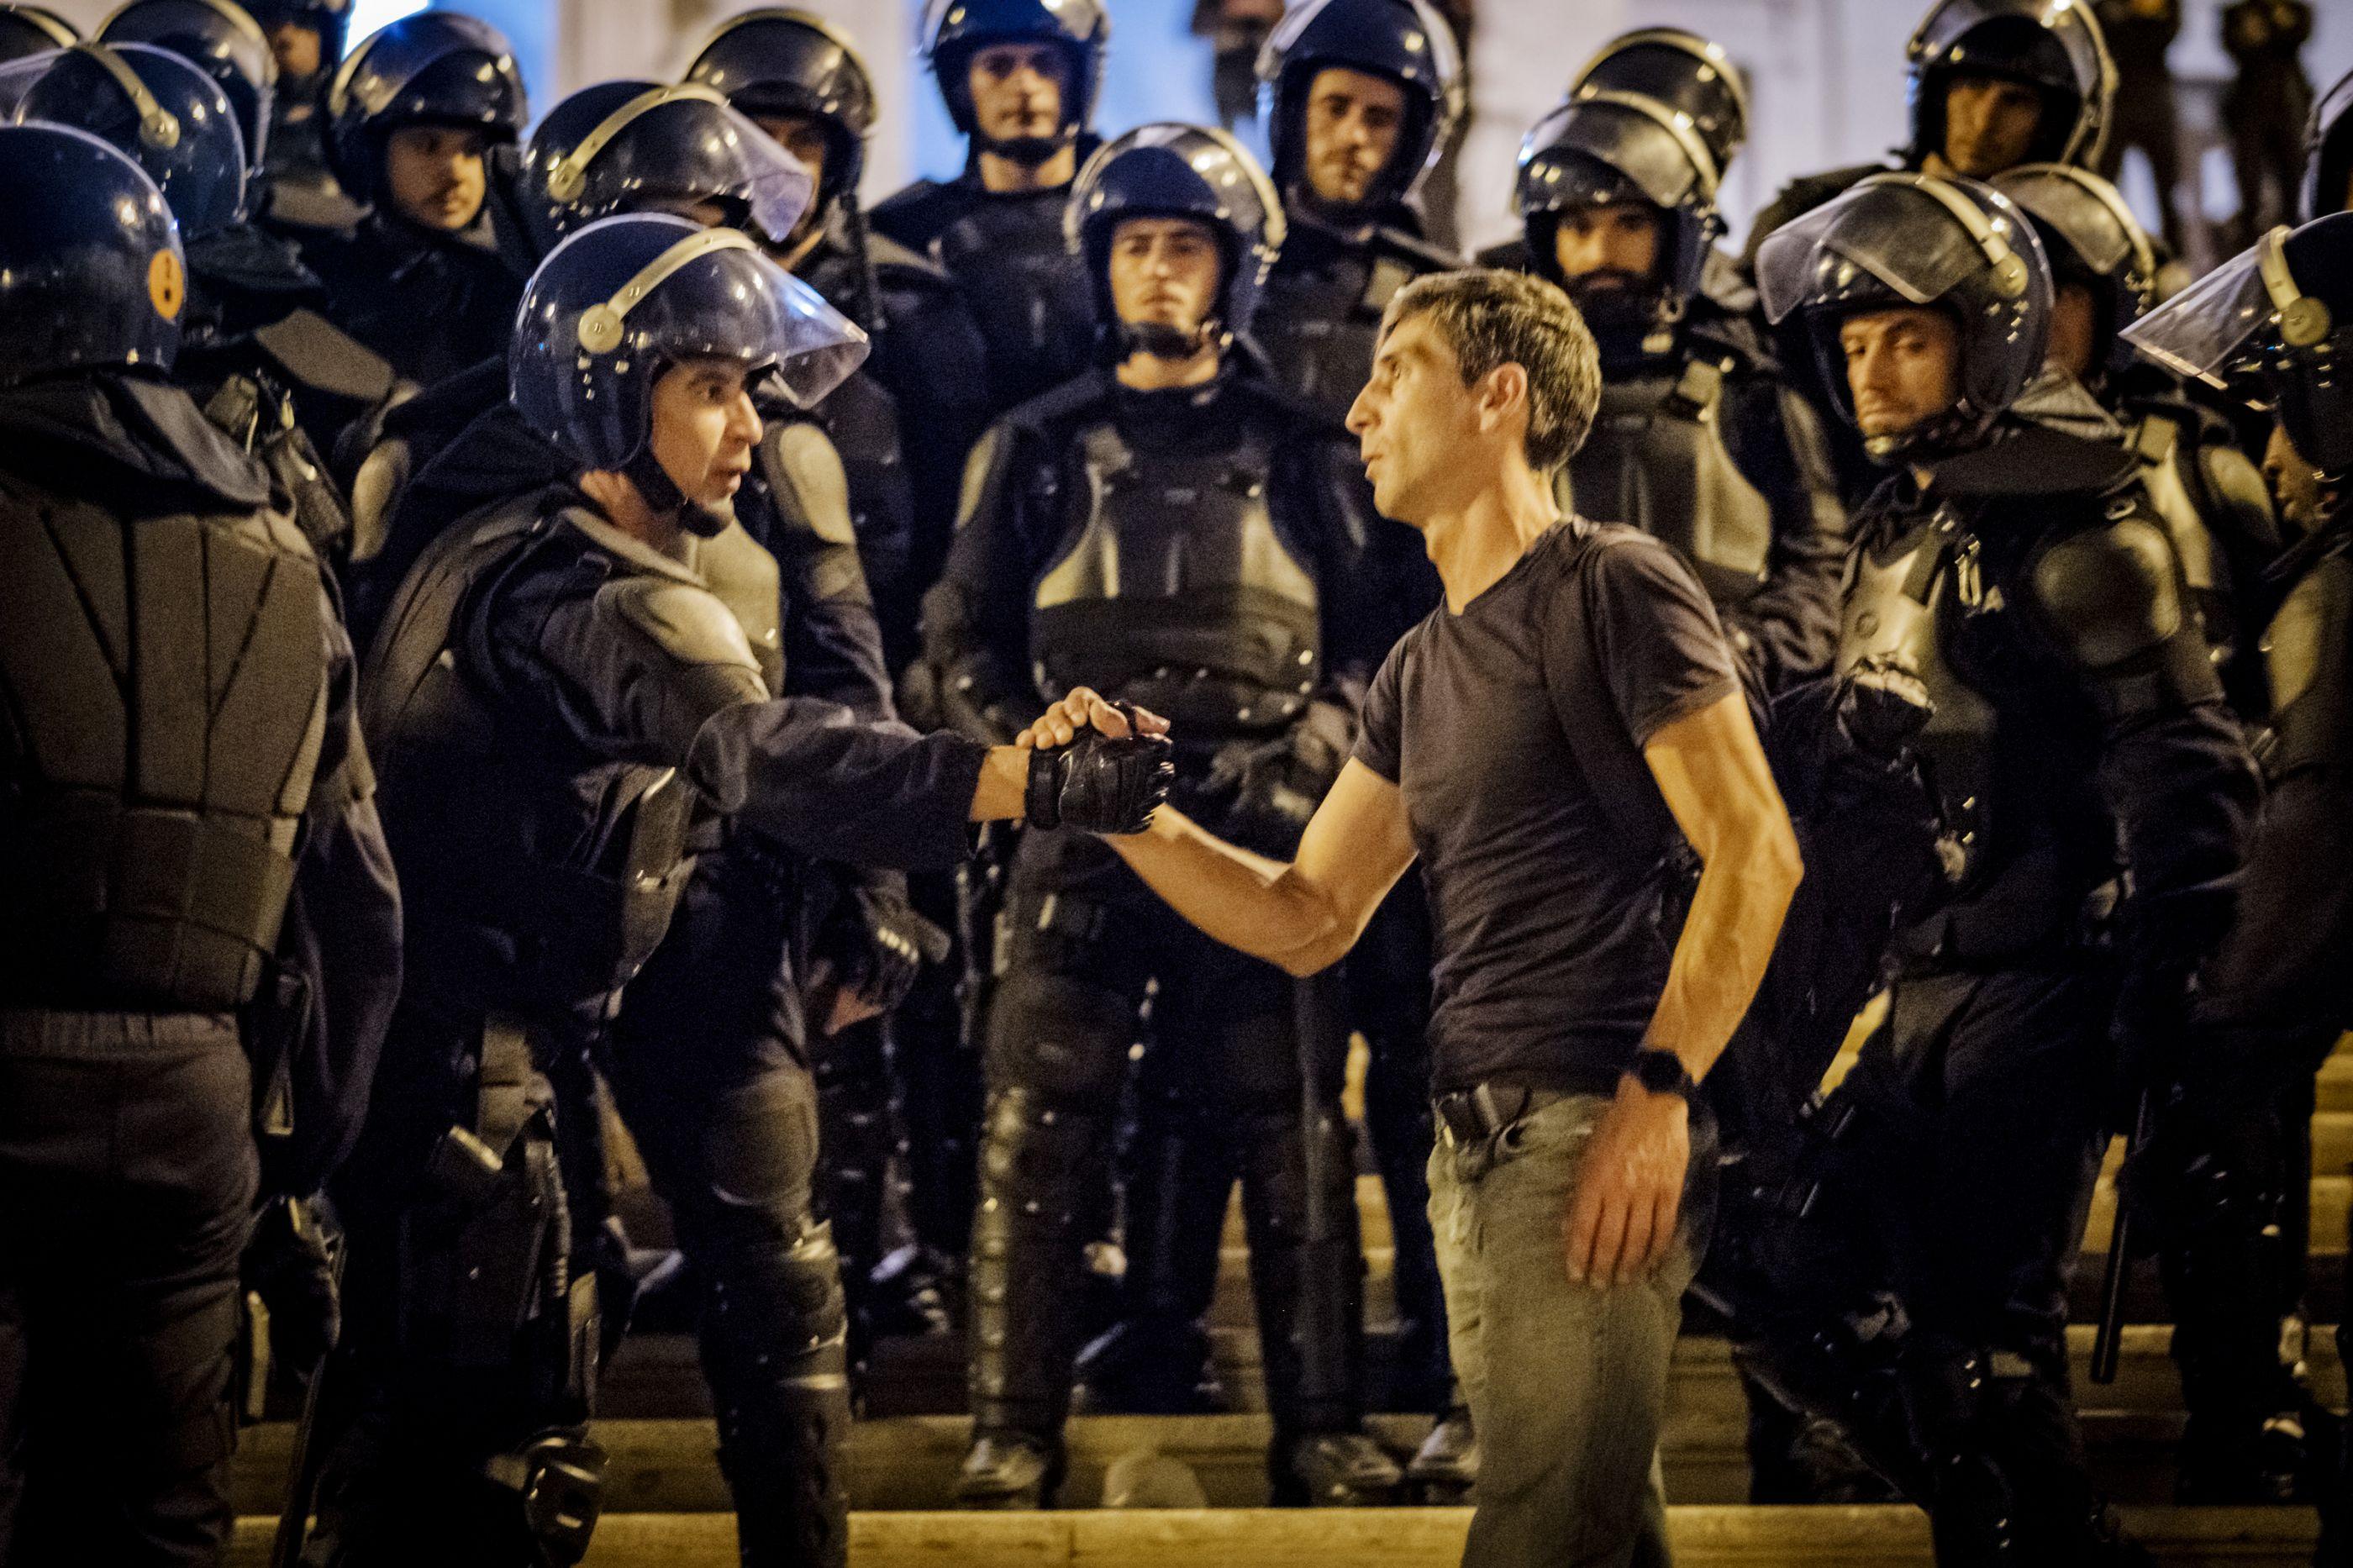 Tensão no ar e ameaças de 'invasão'. As imagens do protesto das polícias